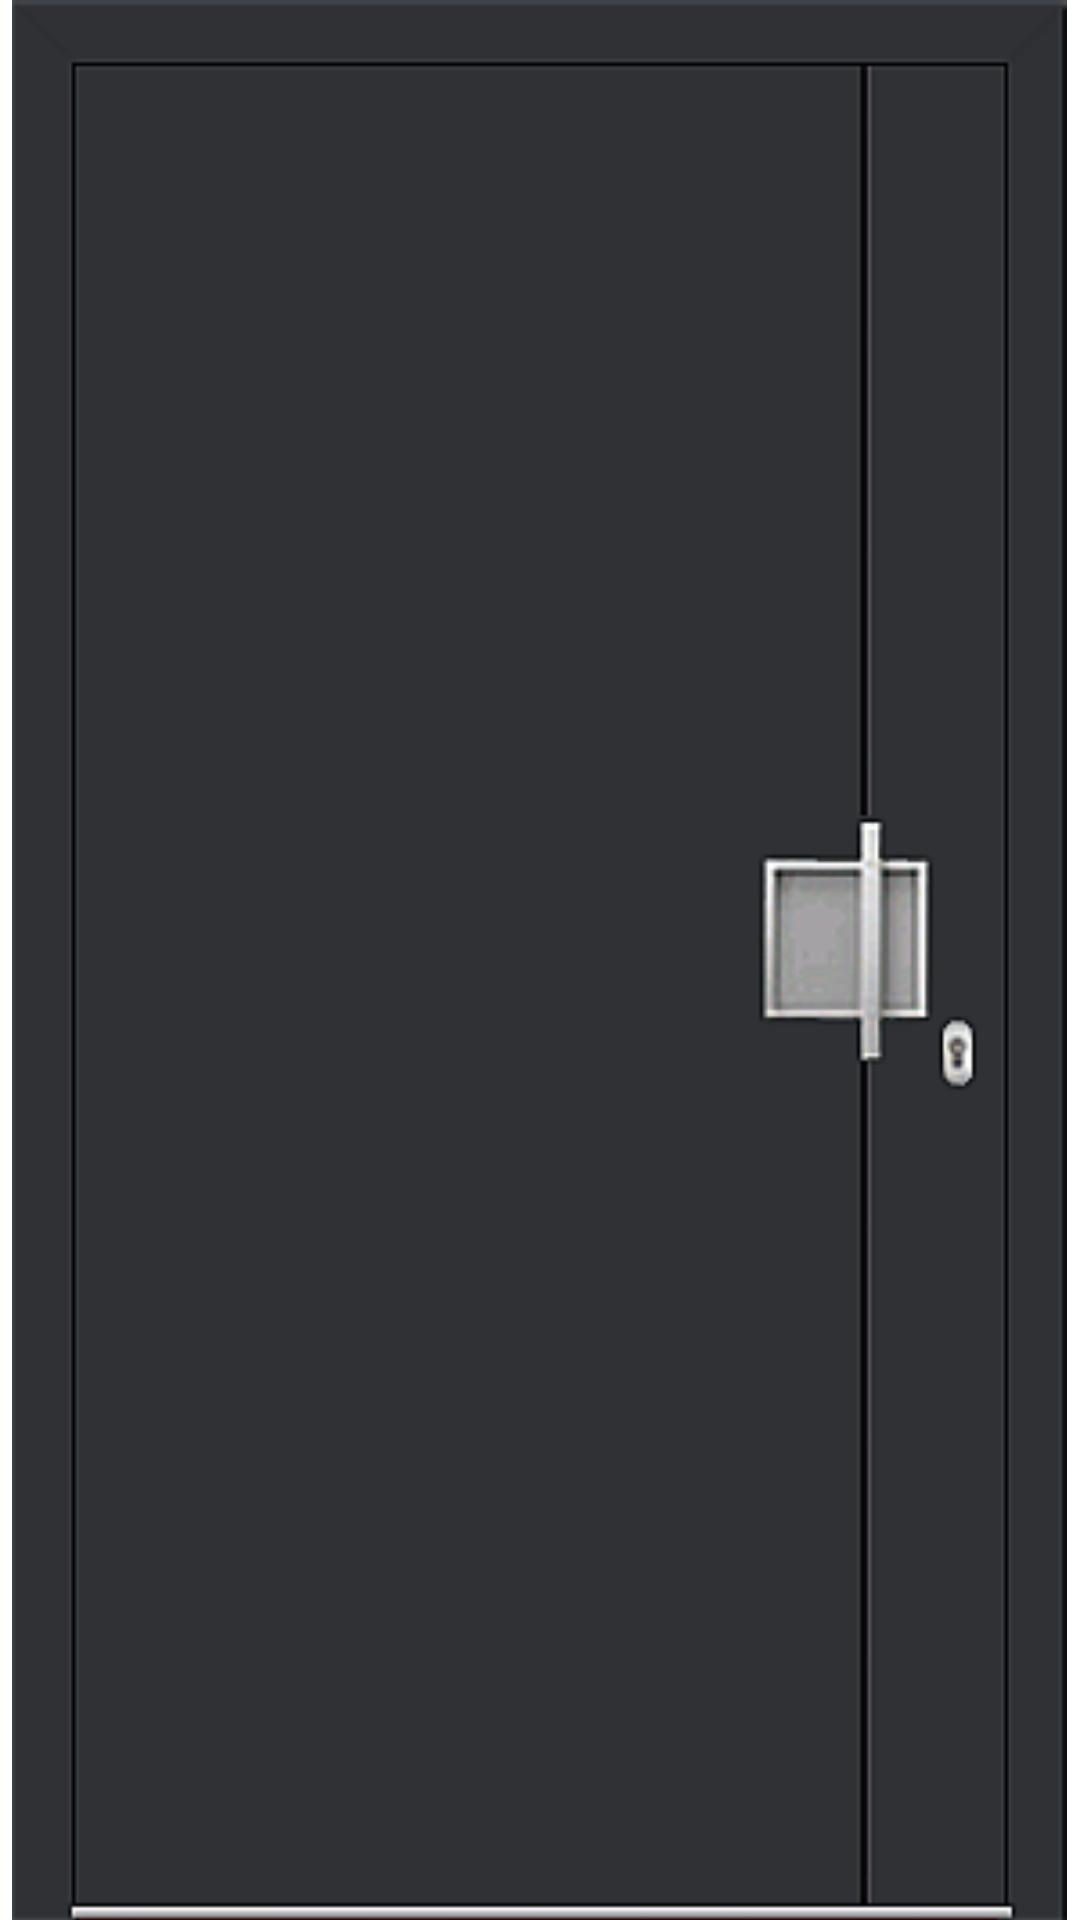 Kunststoff Haustür Modell 6971-92 schwarz